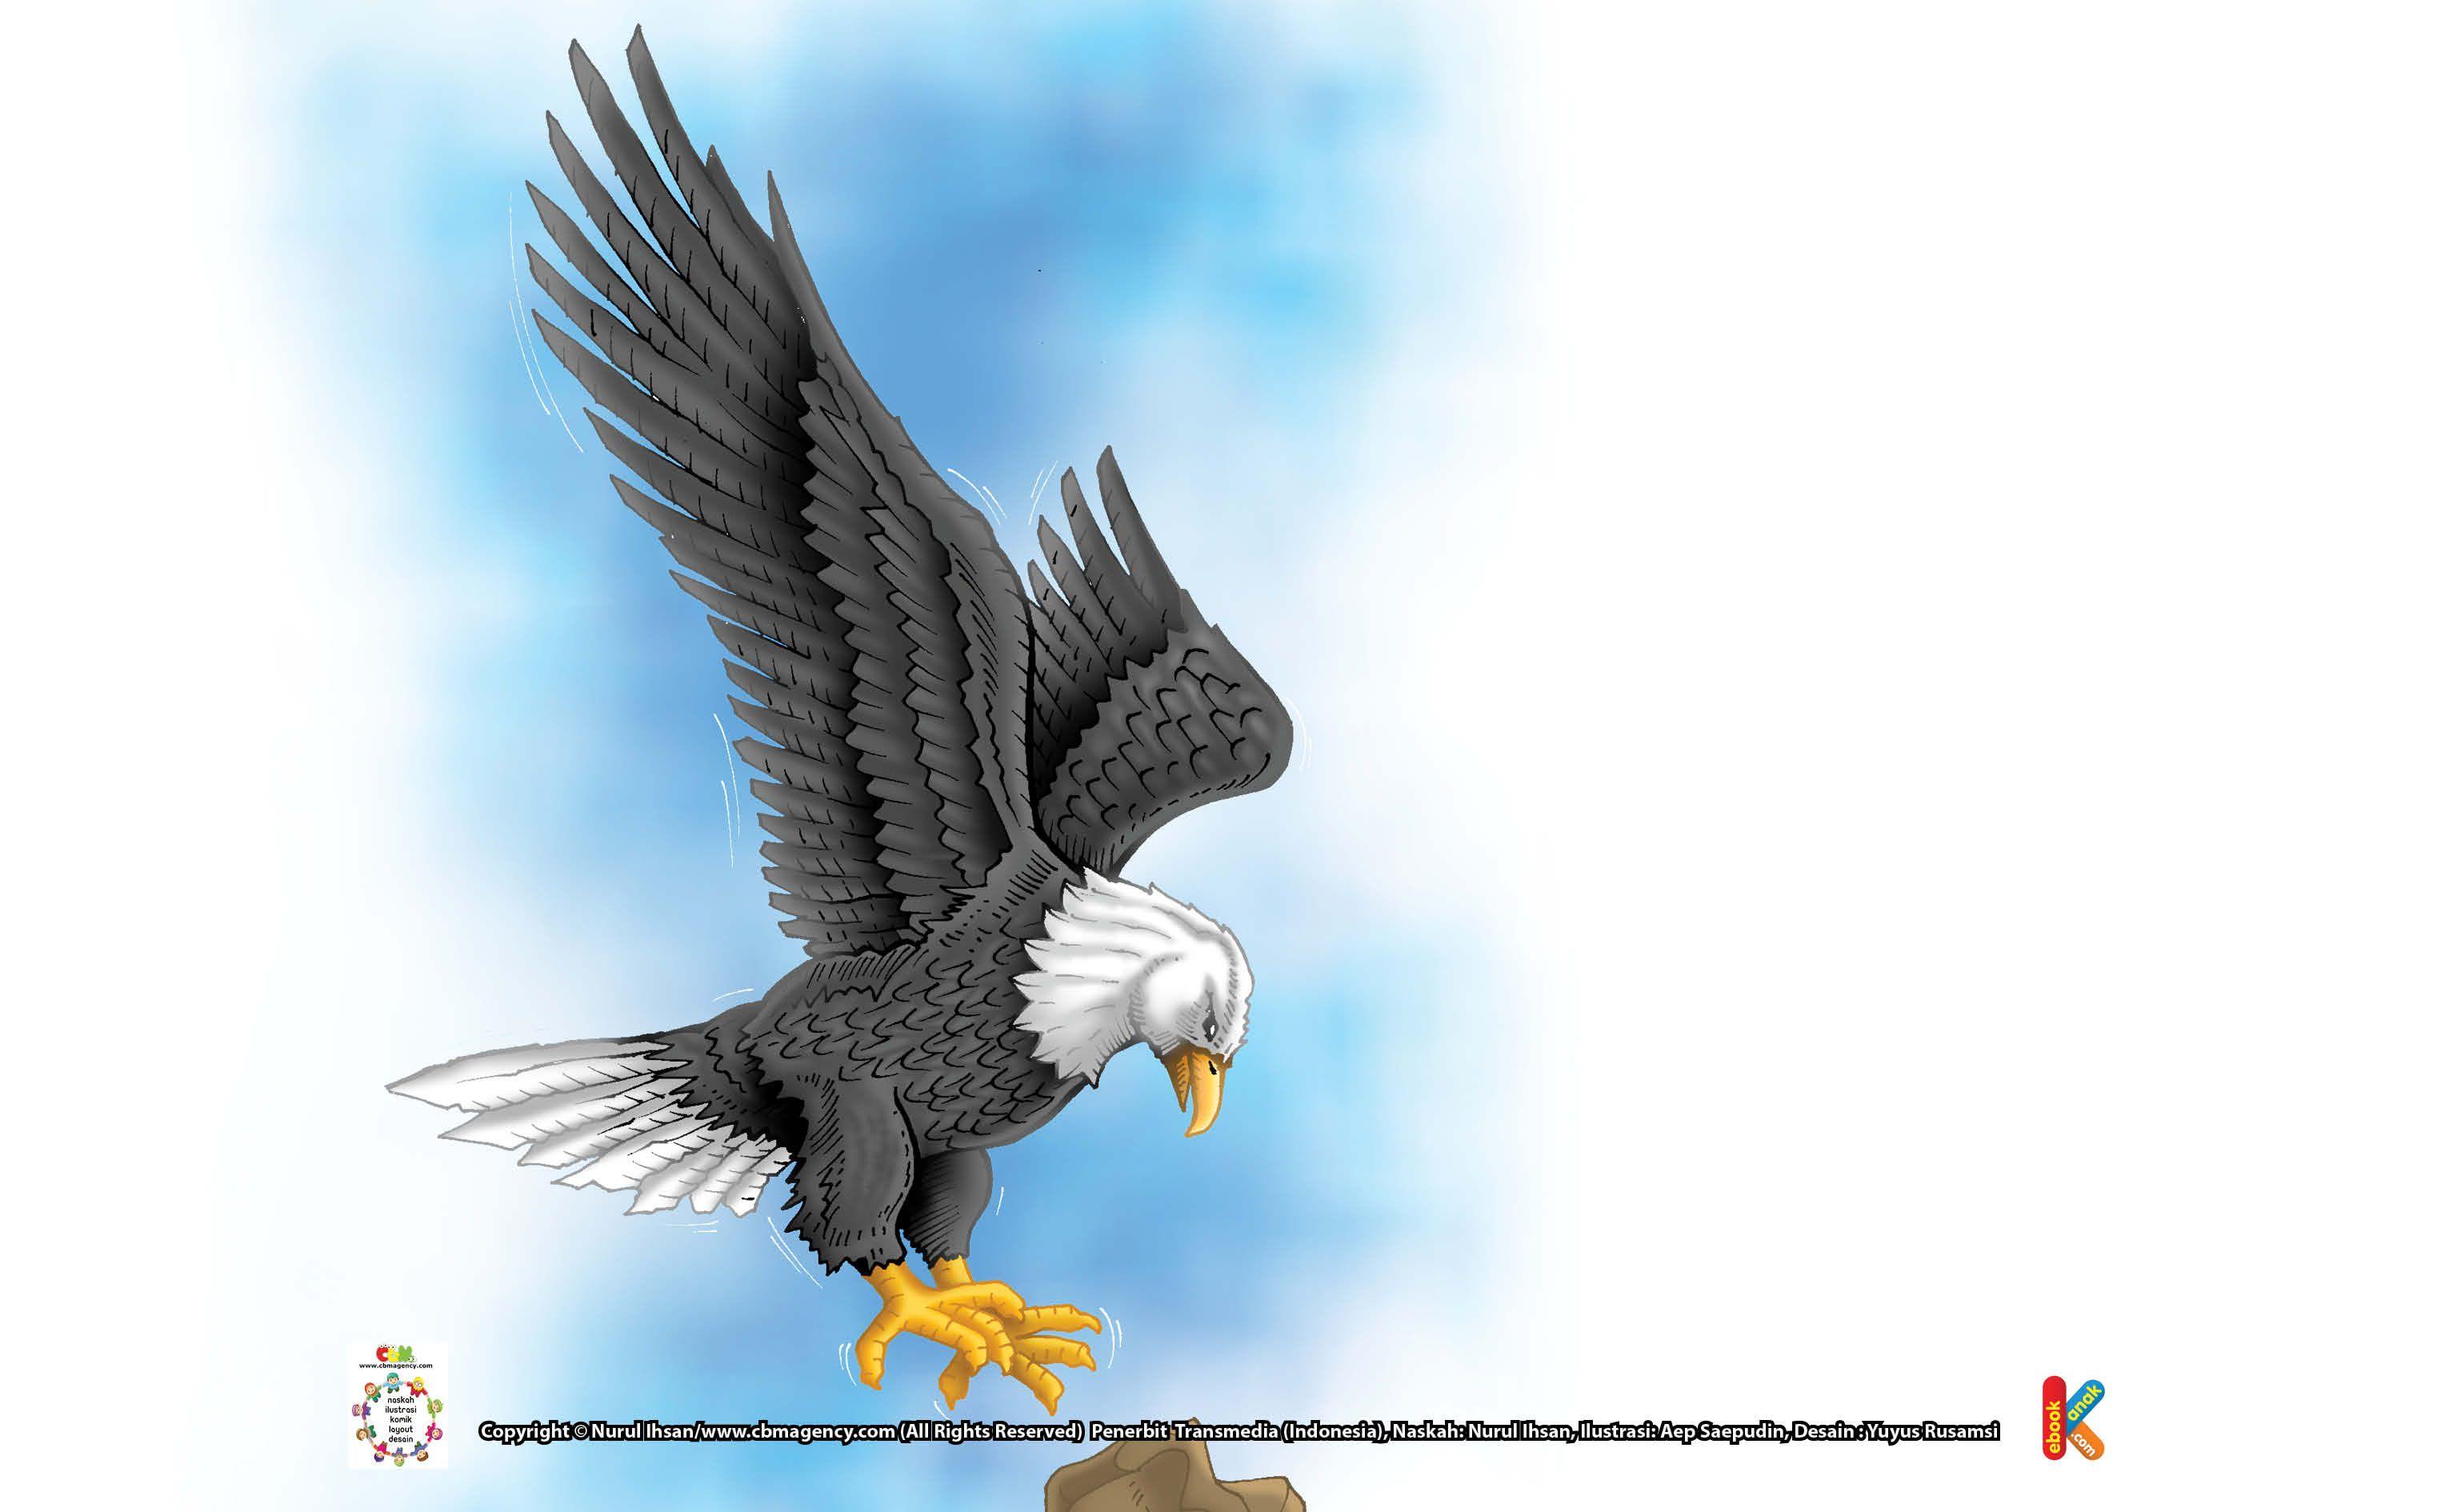 Burung Elang Kepala Putih Pemilik Sarang Burung Terbesar Dengan